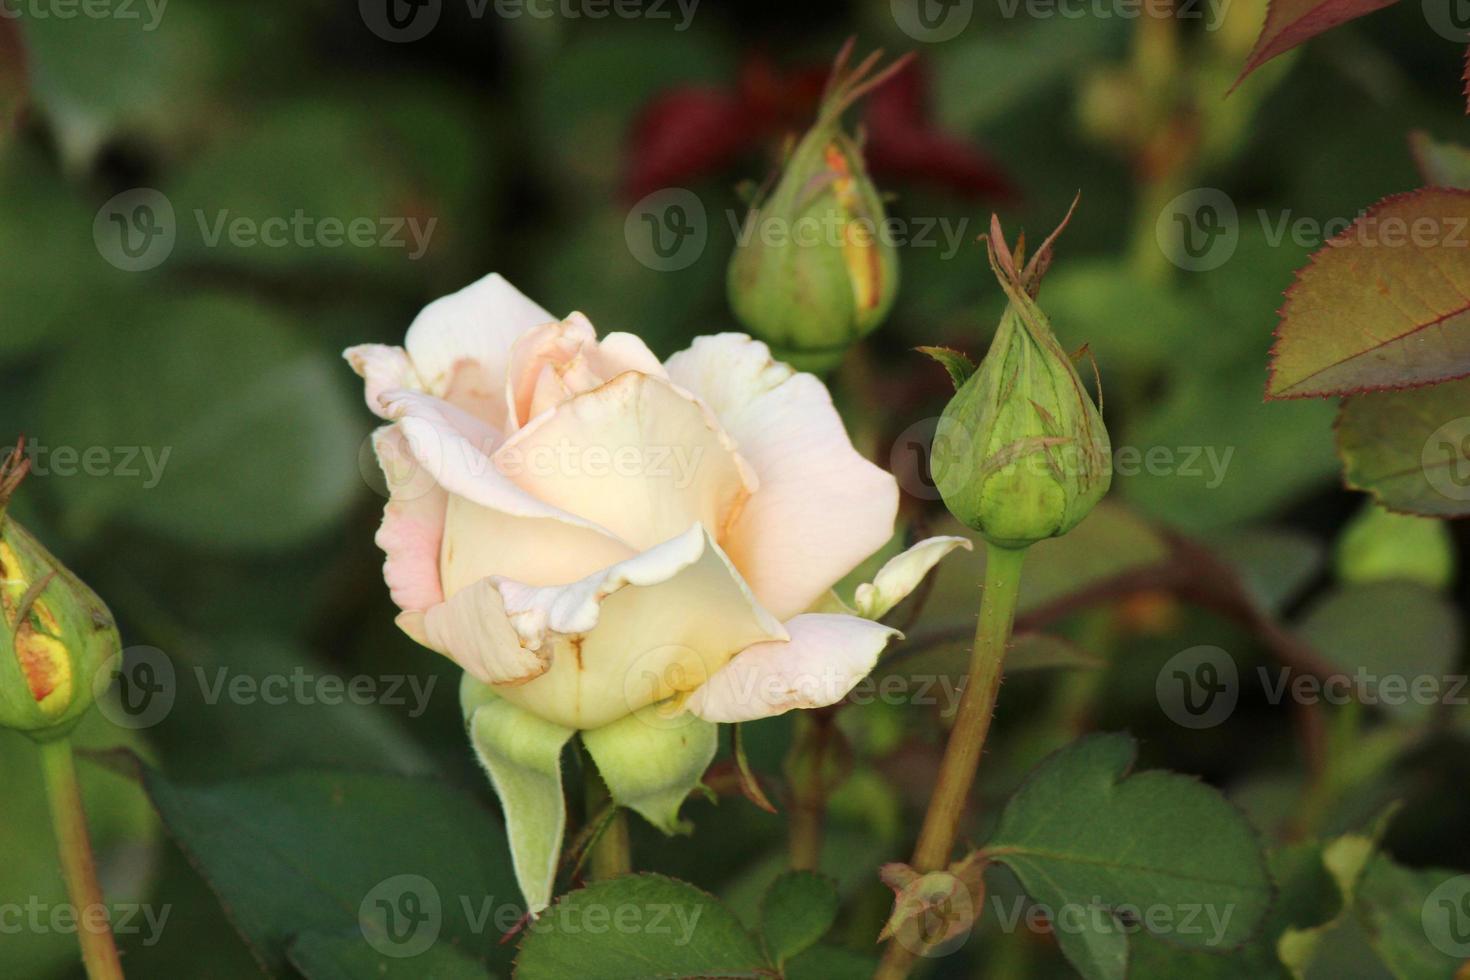 Rosa 'henri salvador' - rose photo